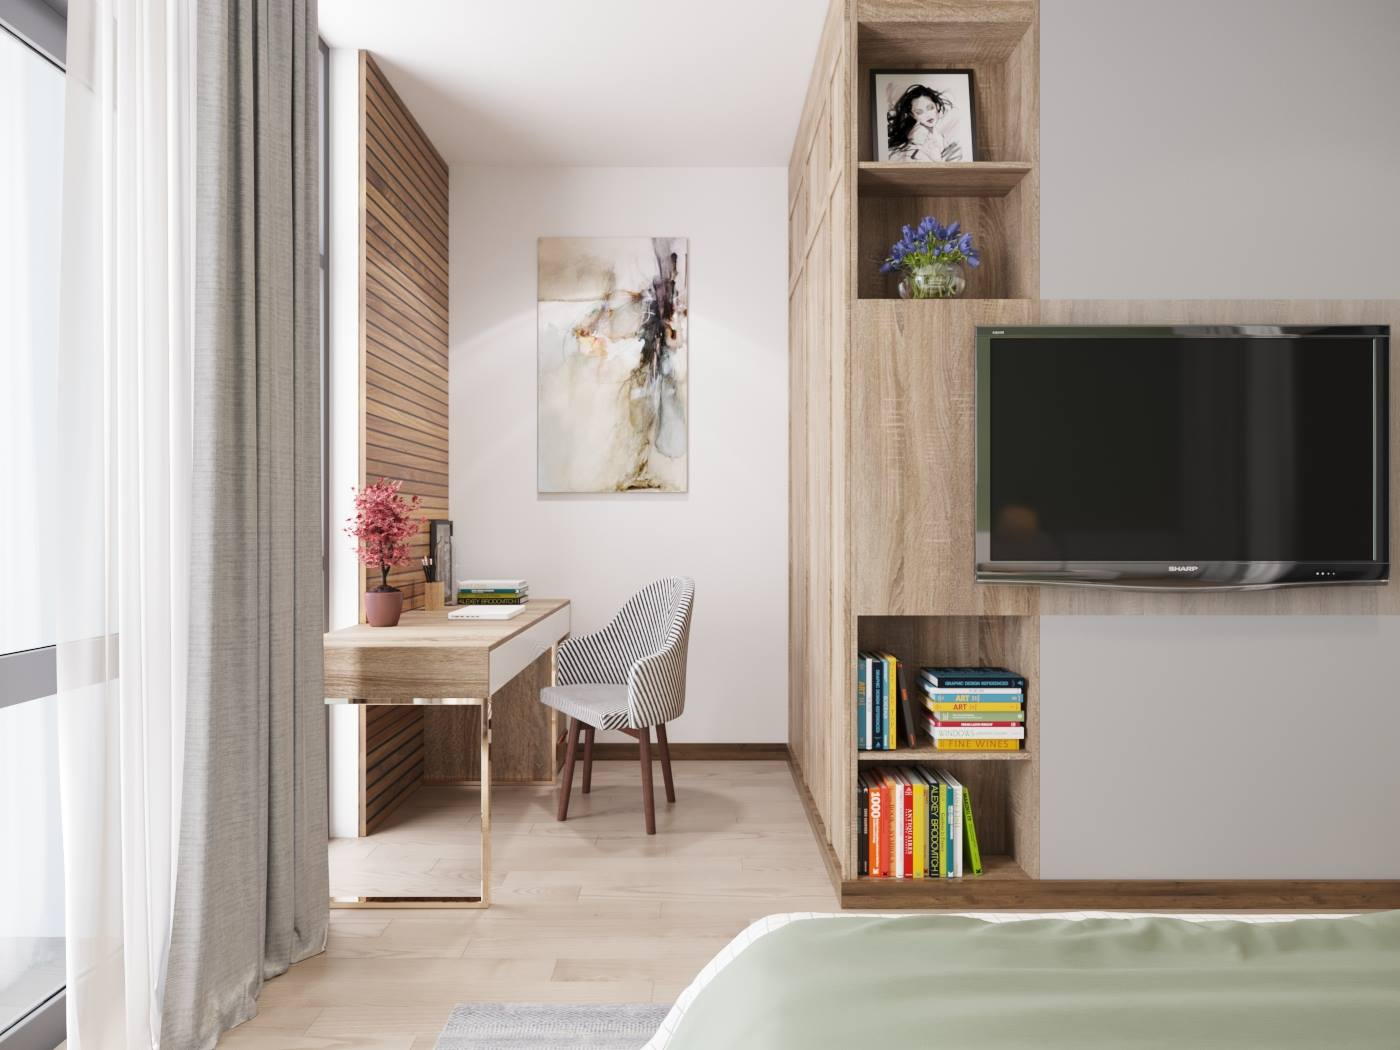 thiết kế nội thất Biệt Thự tại Quảng Bình EURO VILLAGE HOUSE 0 1531705850